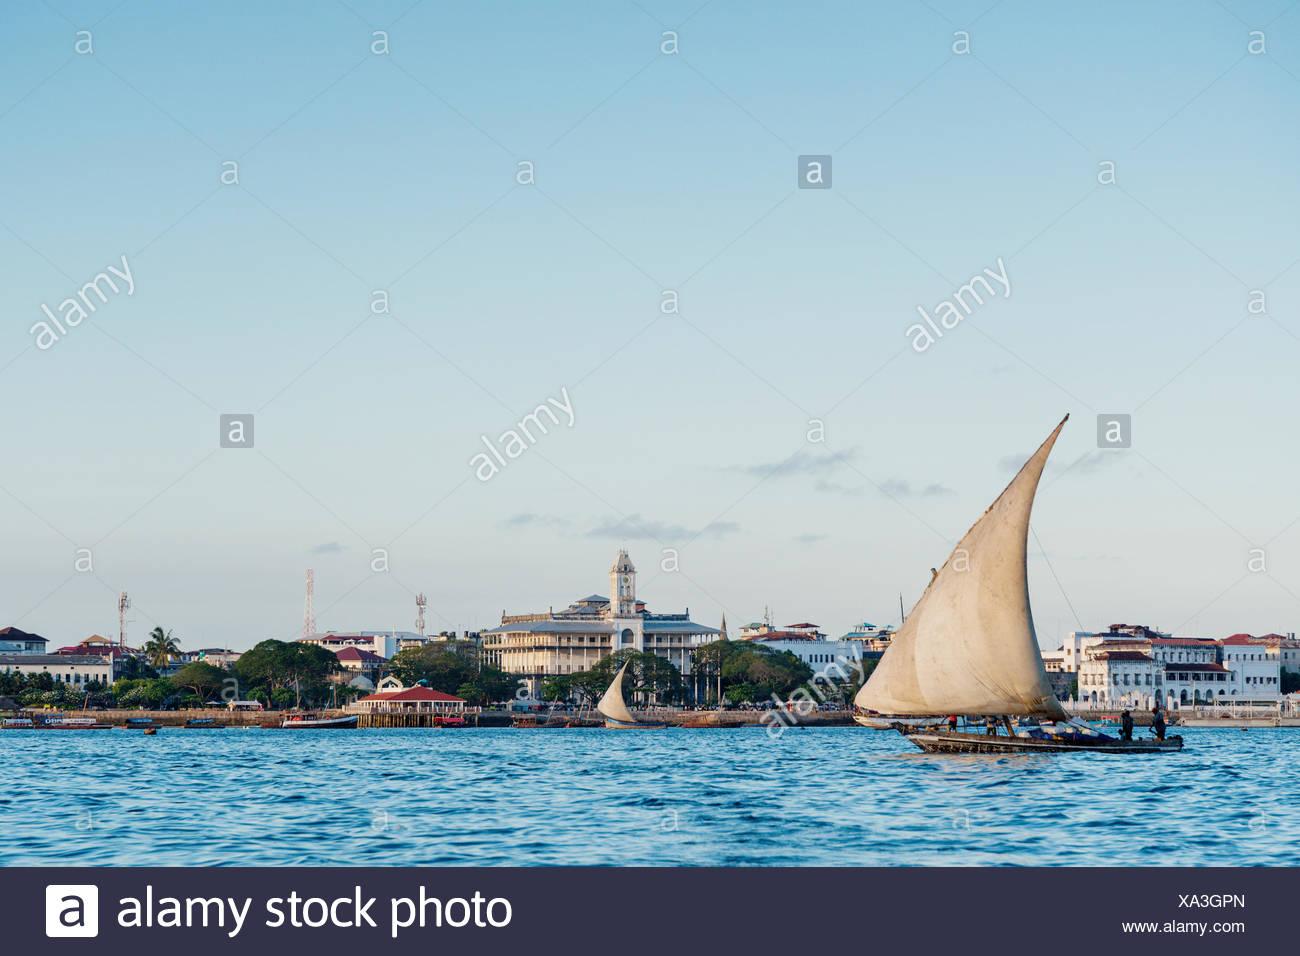 Zanzibar - Stock Image